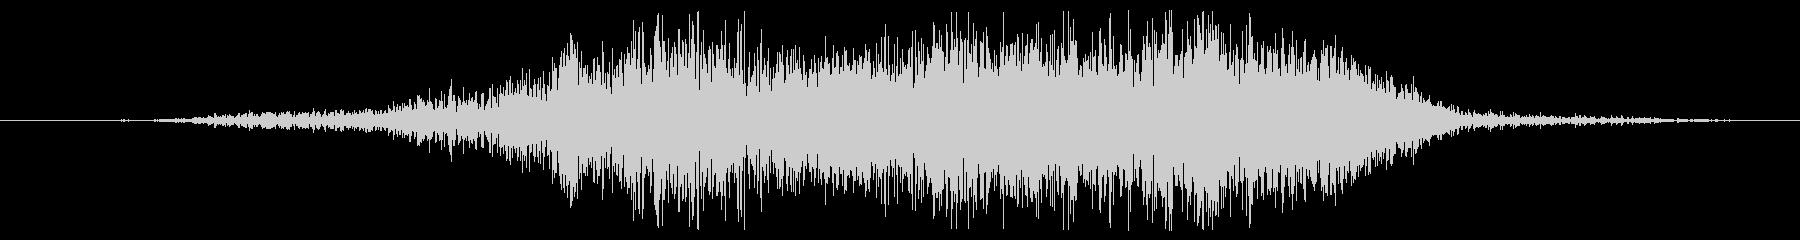 モンスタースクリーム01の未再生の波形